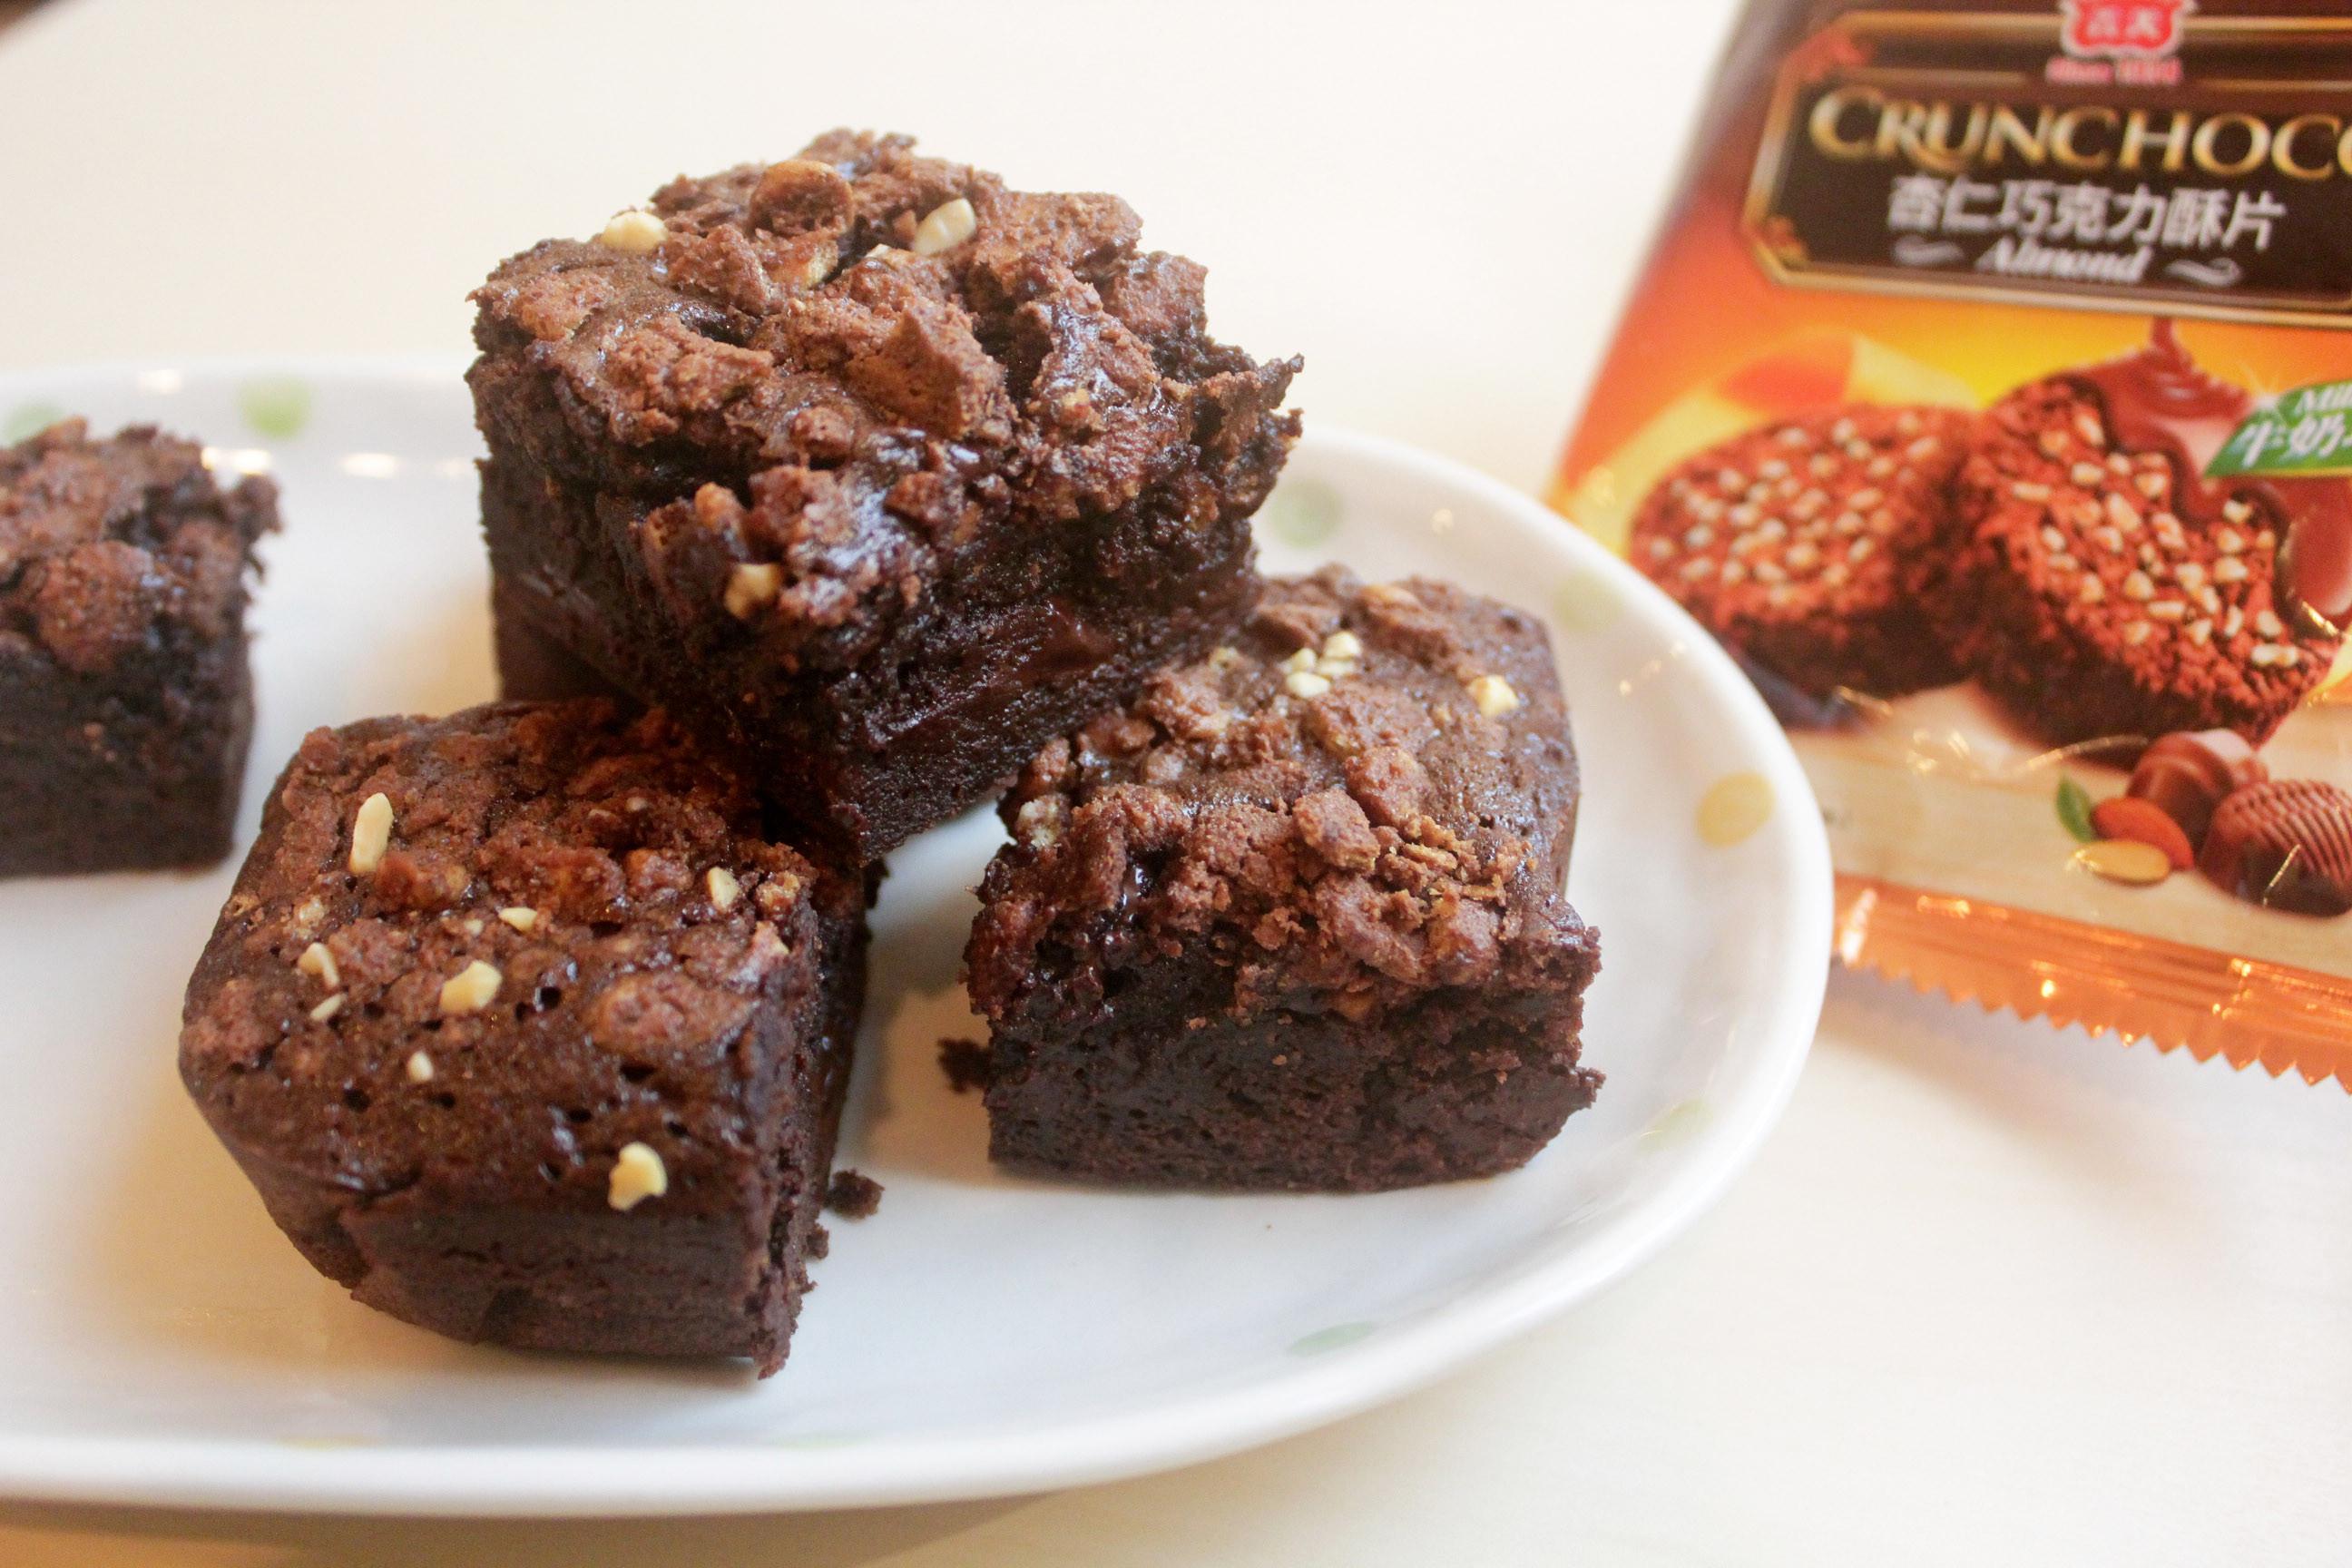 完美脆皮流心布朗尼 巧克力酥片口味